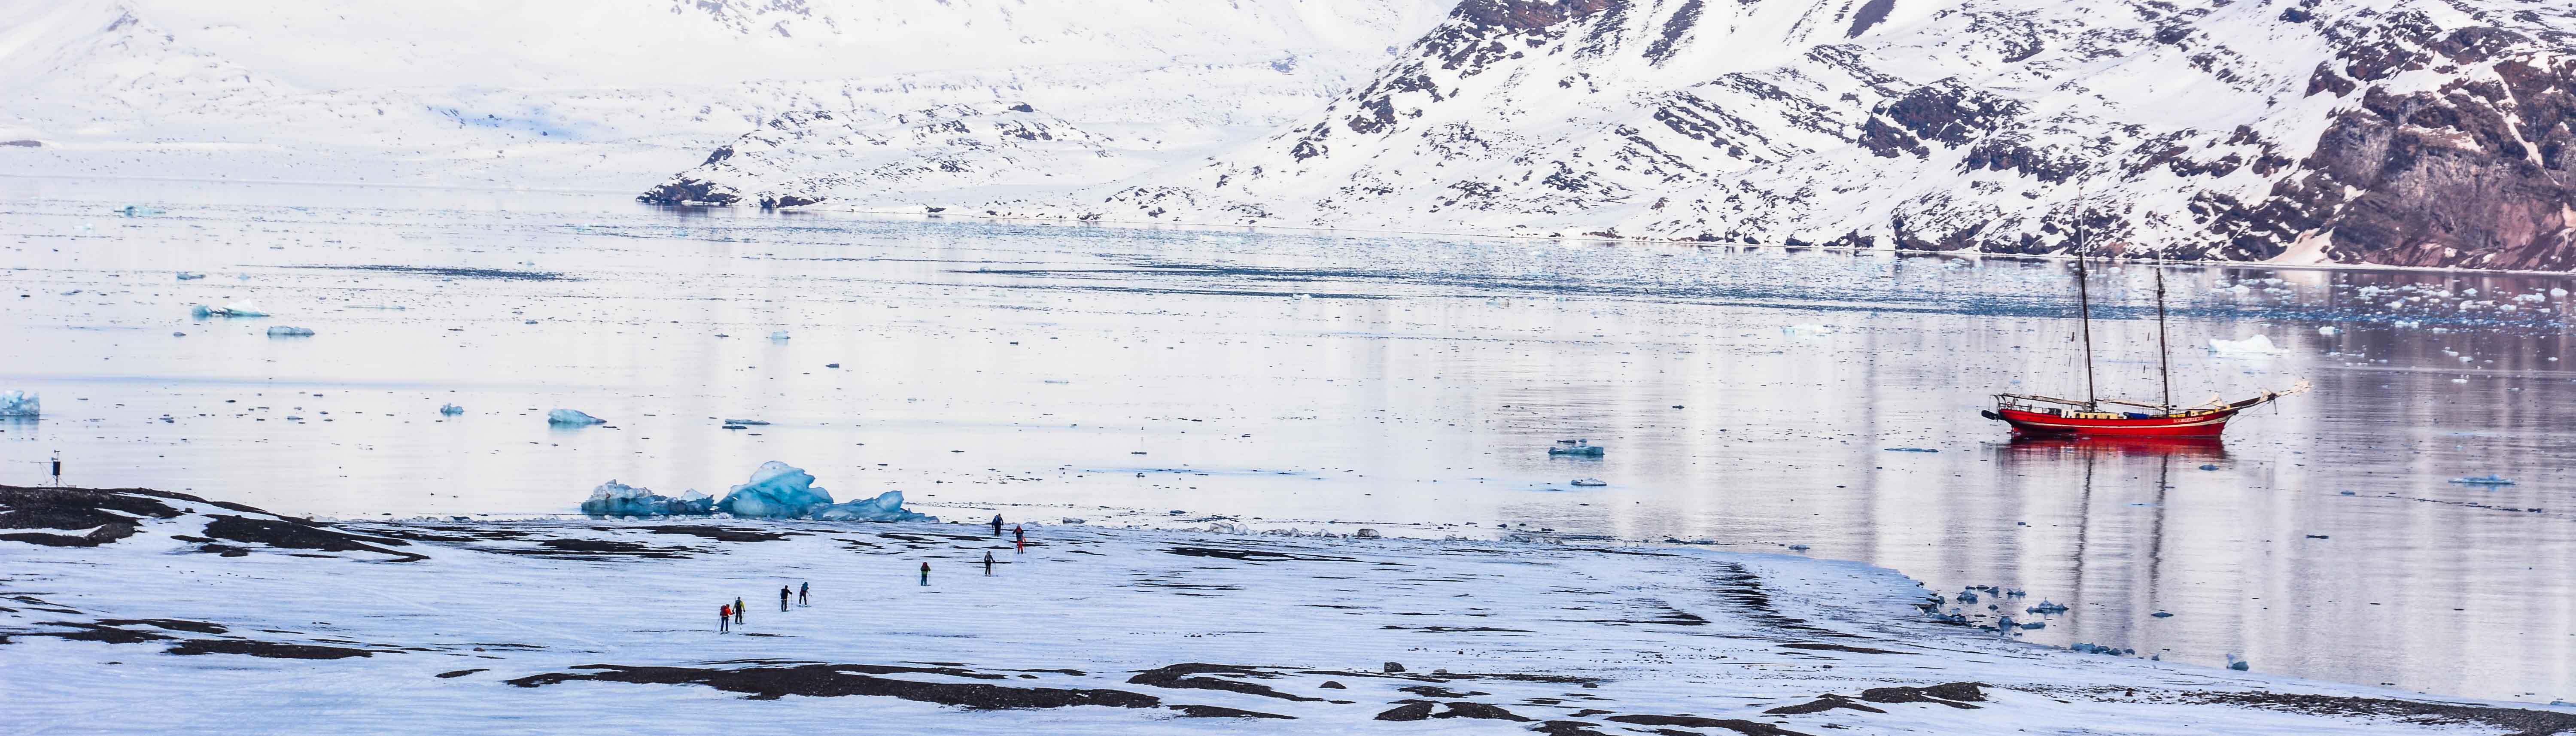 Skitouren auf Spitzbergen